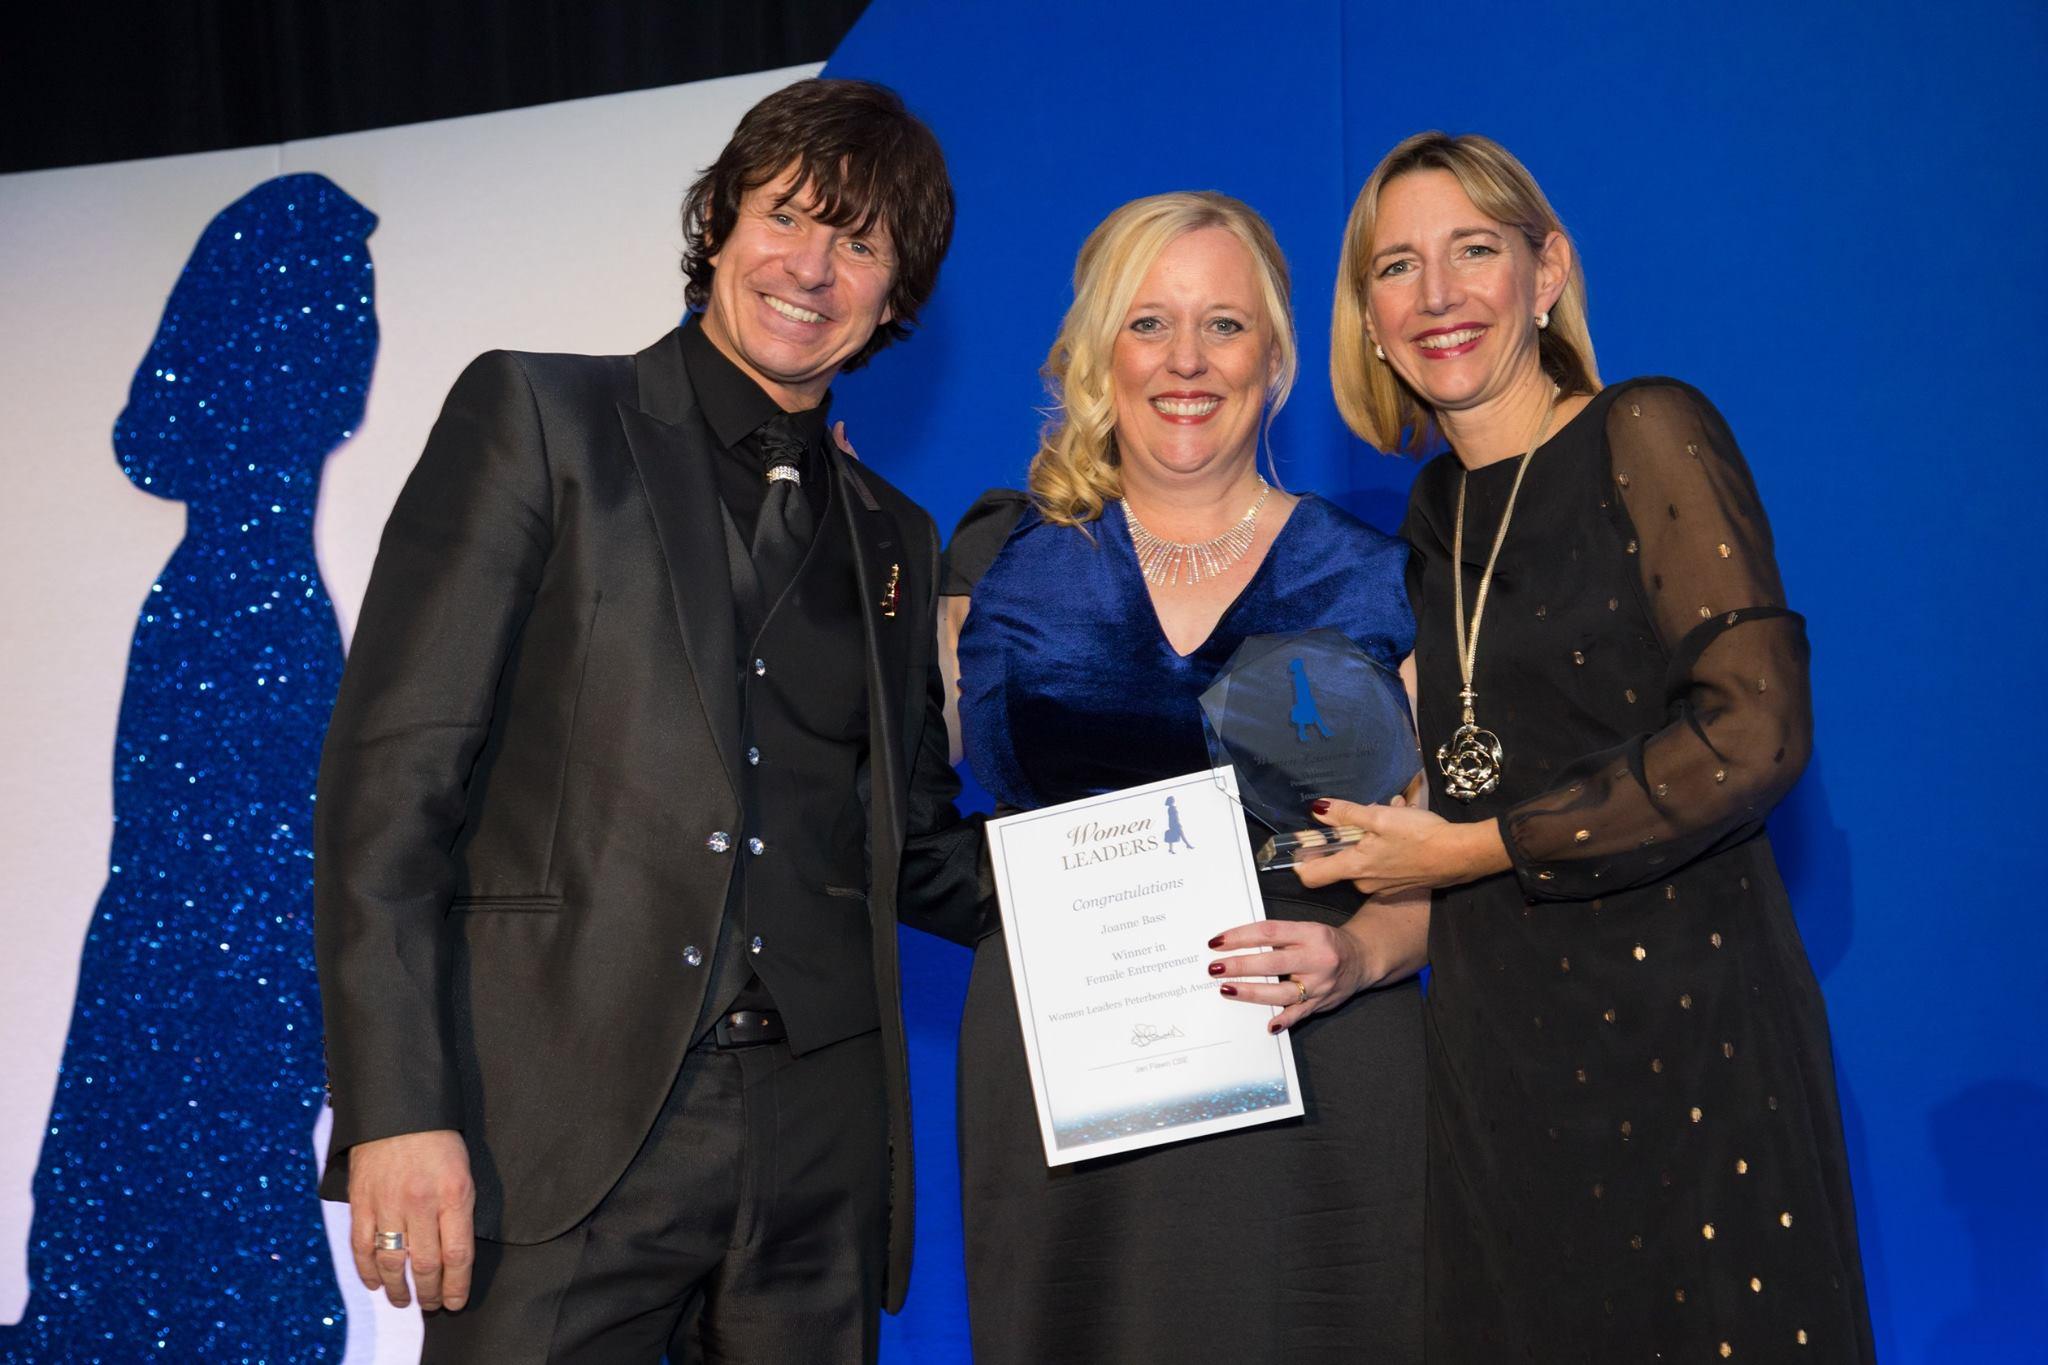 Joanne Bass Wins Female Entrepreneur Award